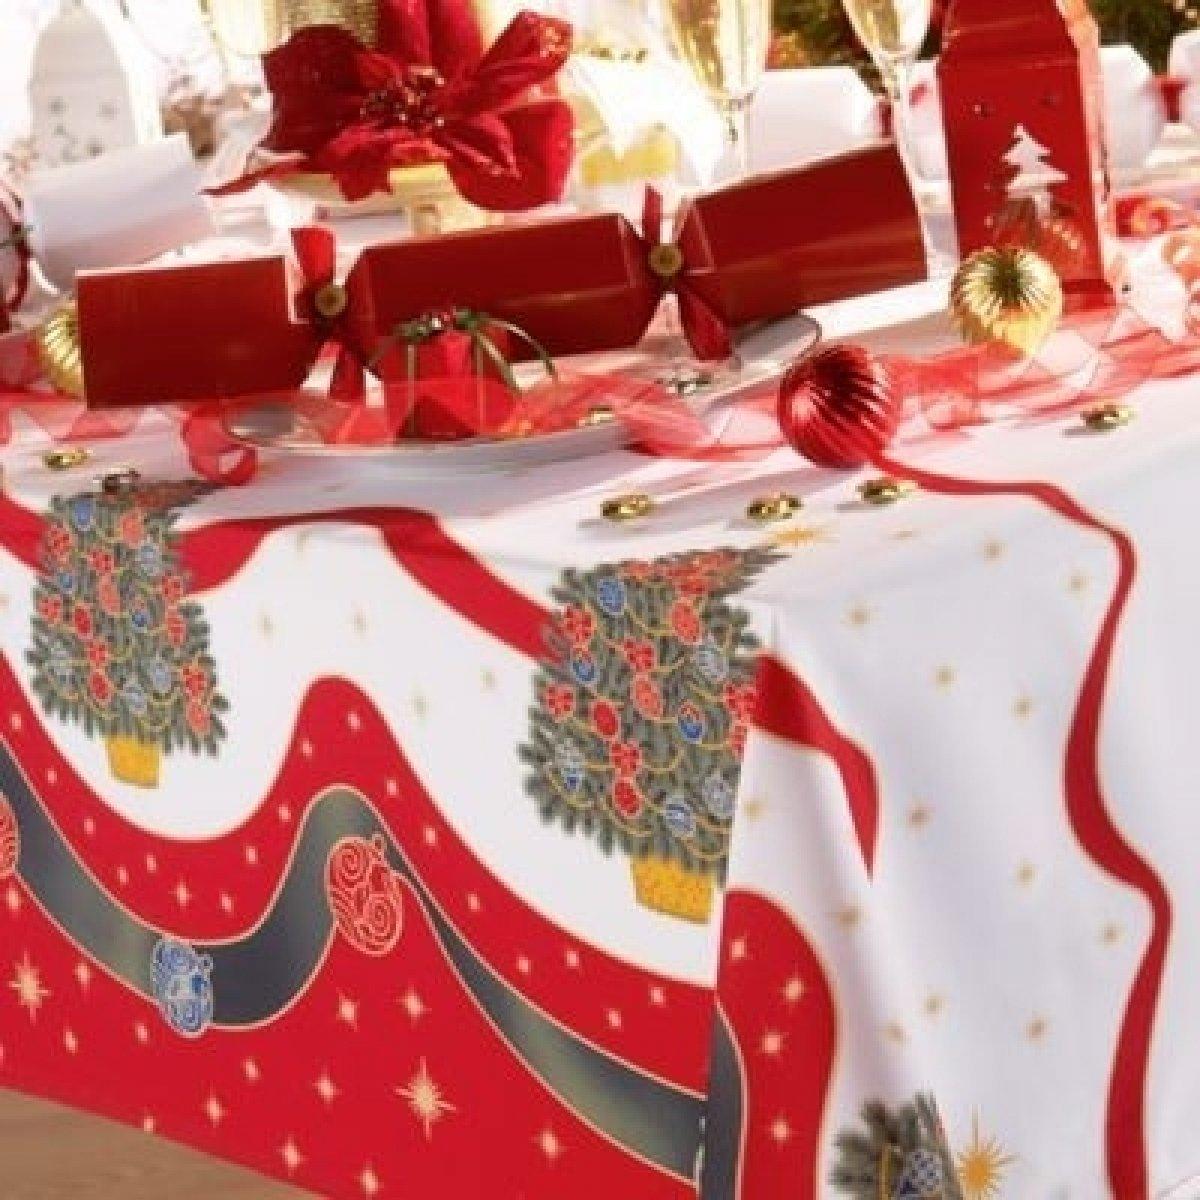 Χριστουγεννιάτικα τραπεζομάντηλα | Mymegamarket.gr